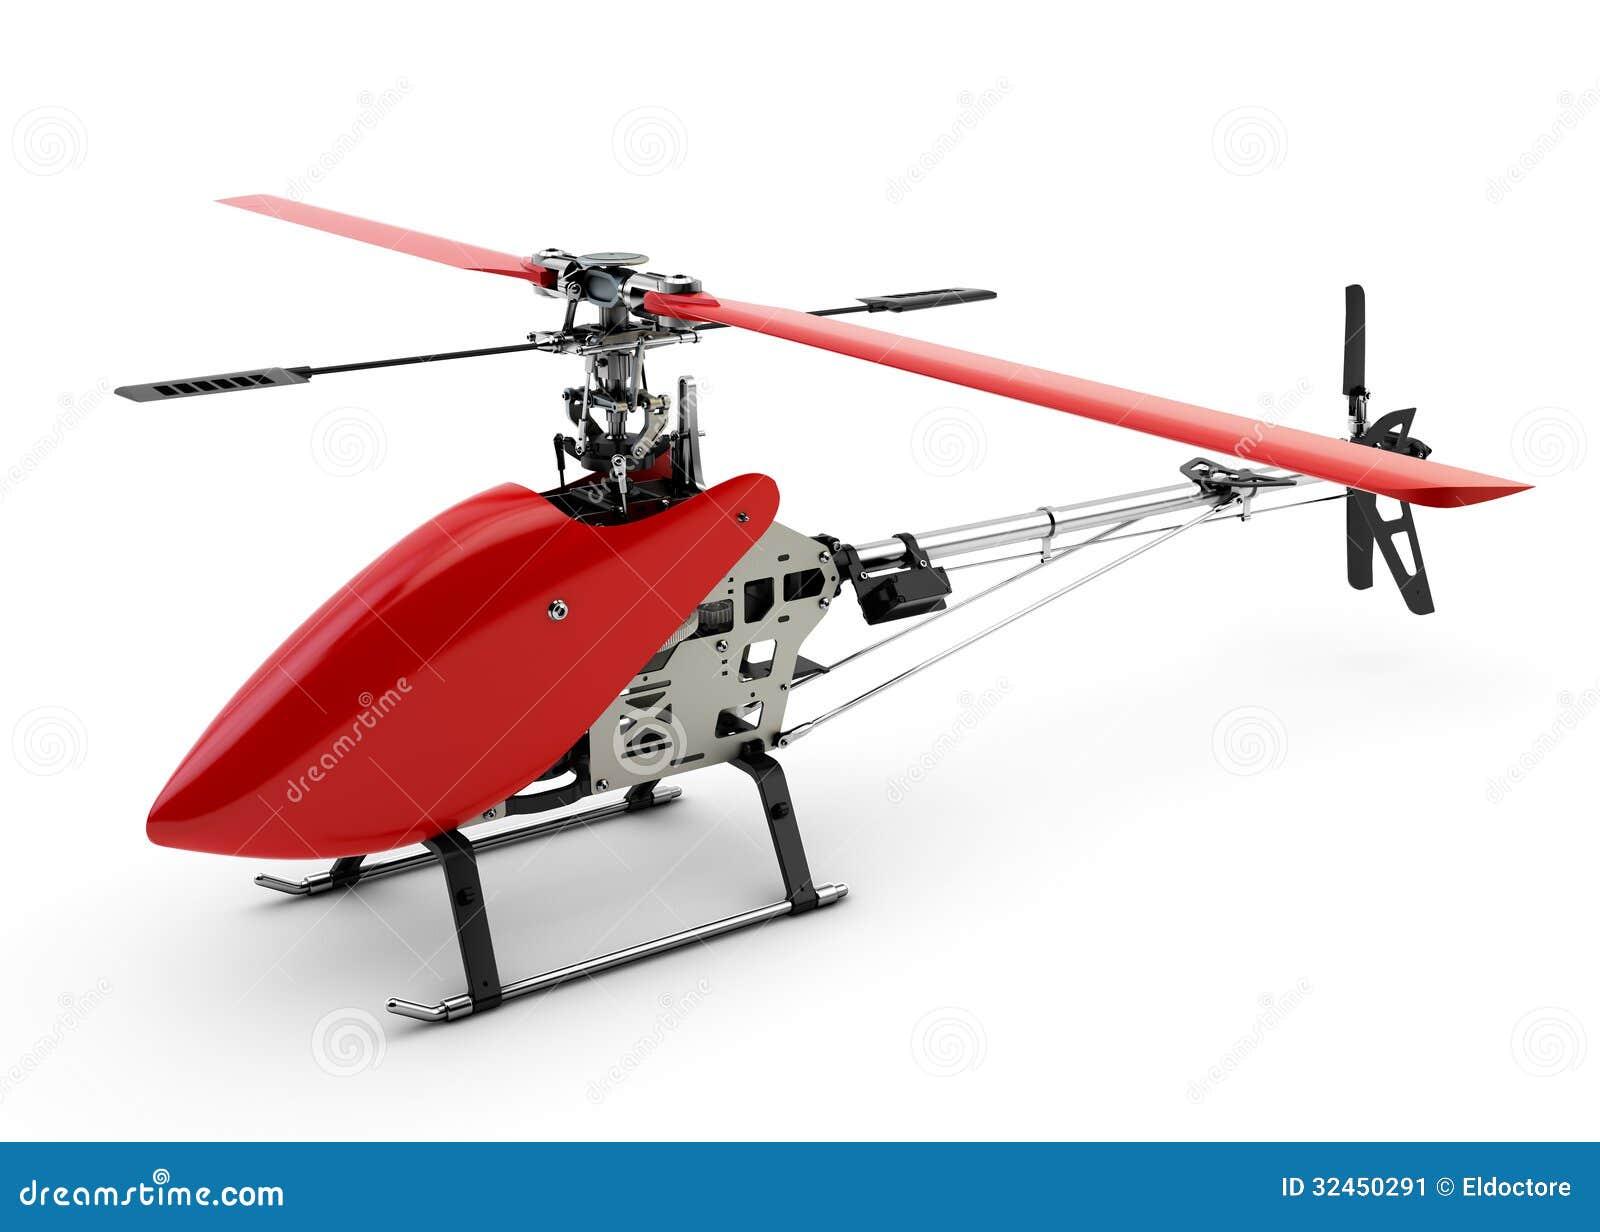 Elicottero 7 Posti : Elicottero telecomandato rosso generico immagine stock